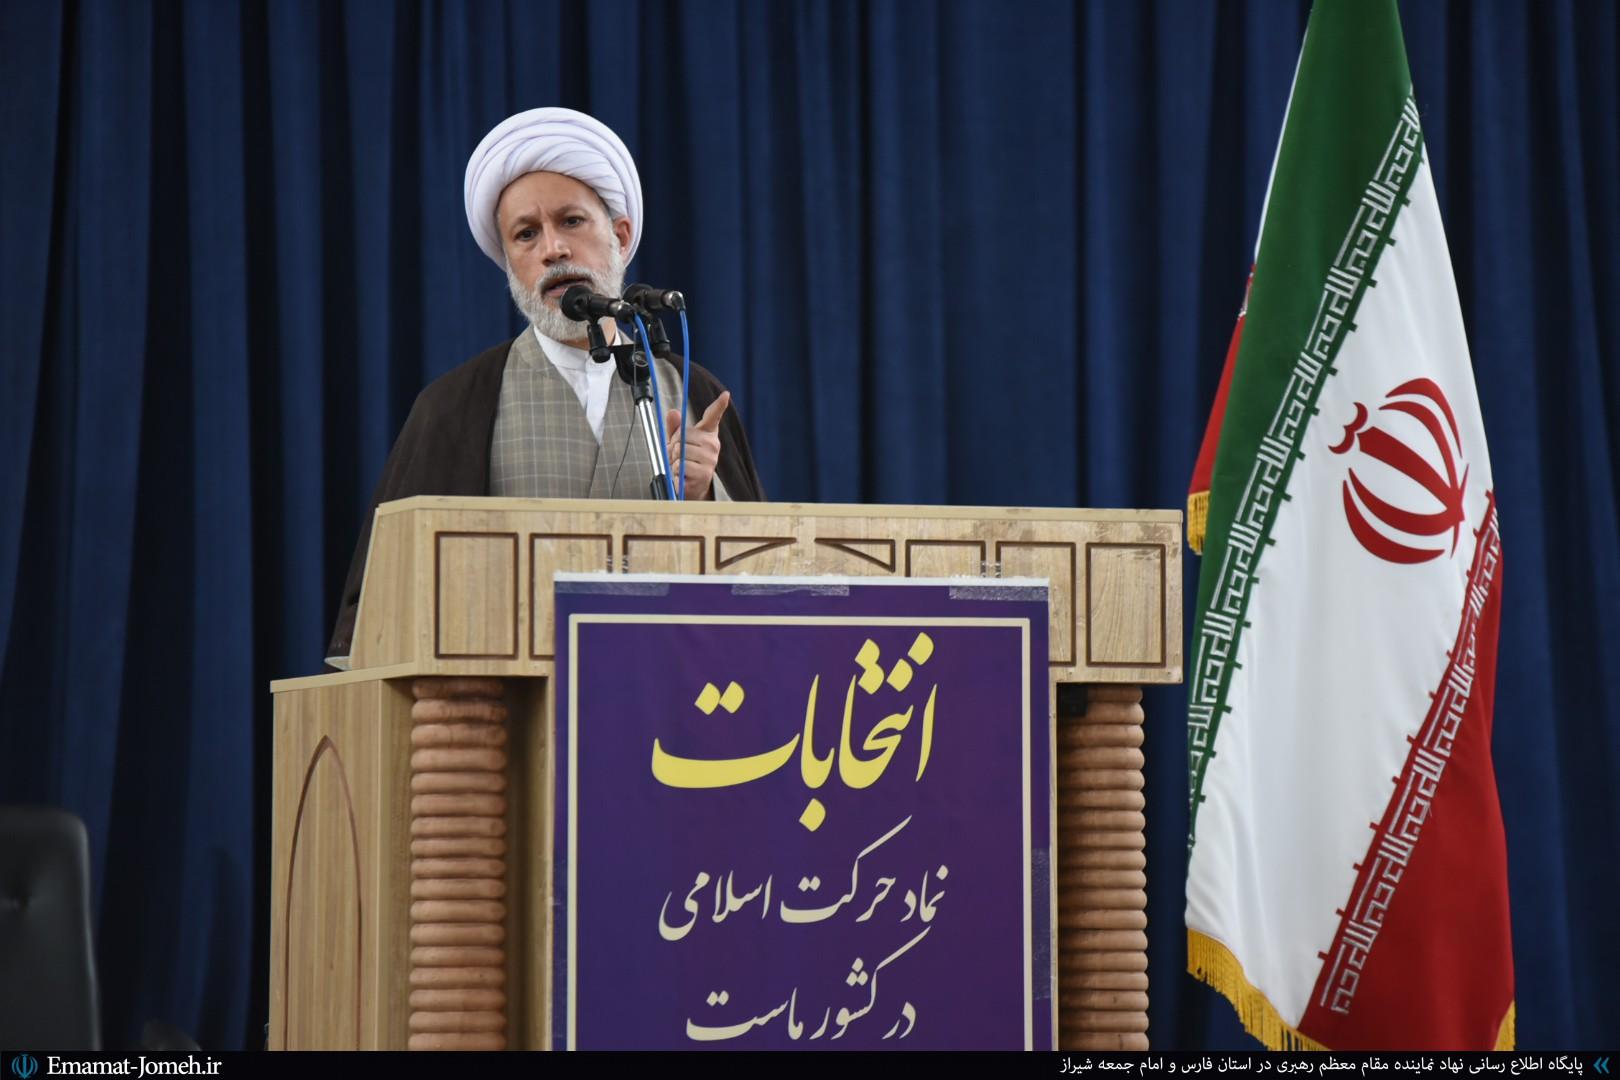 صوت نماز جمعه ۲۱ خرداد ۱۴۰۰ شیراز